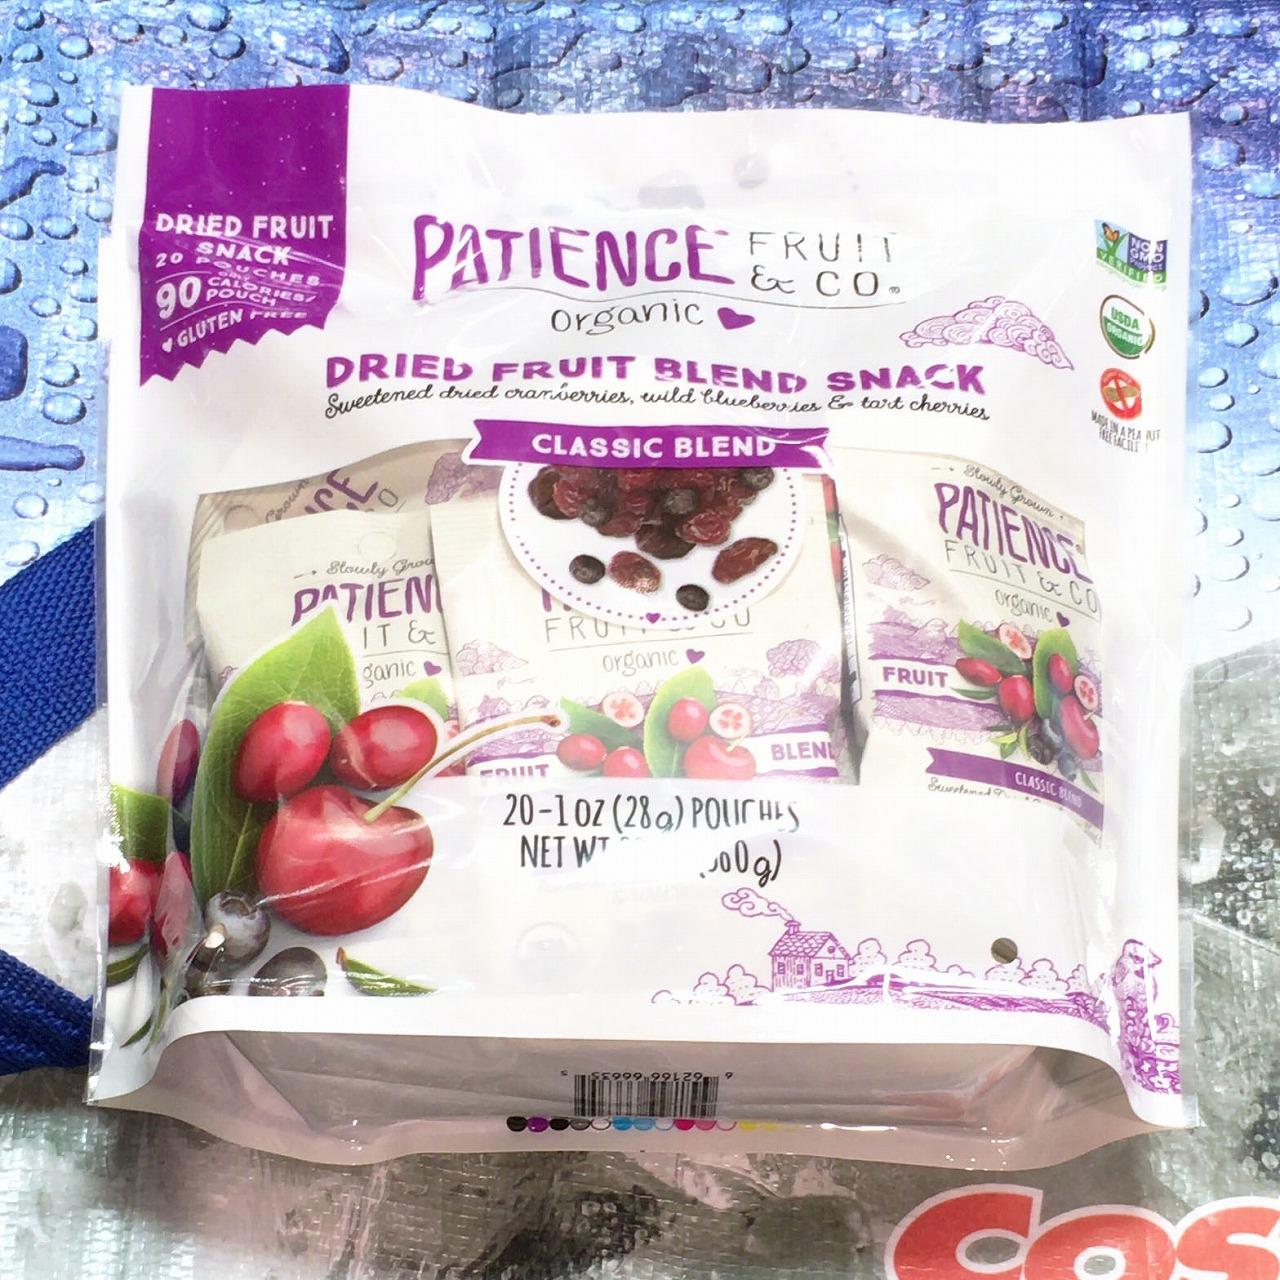 [2]が投稿したPATIENCE FRUIT&CO. オーガニックドライフルーツパックの写真